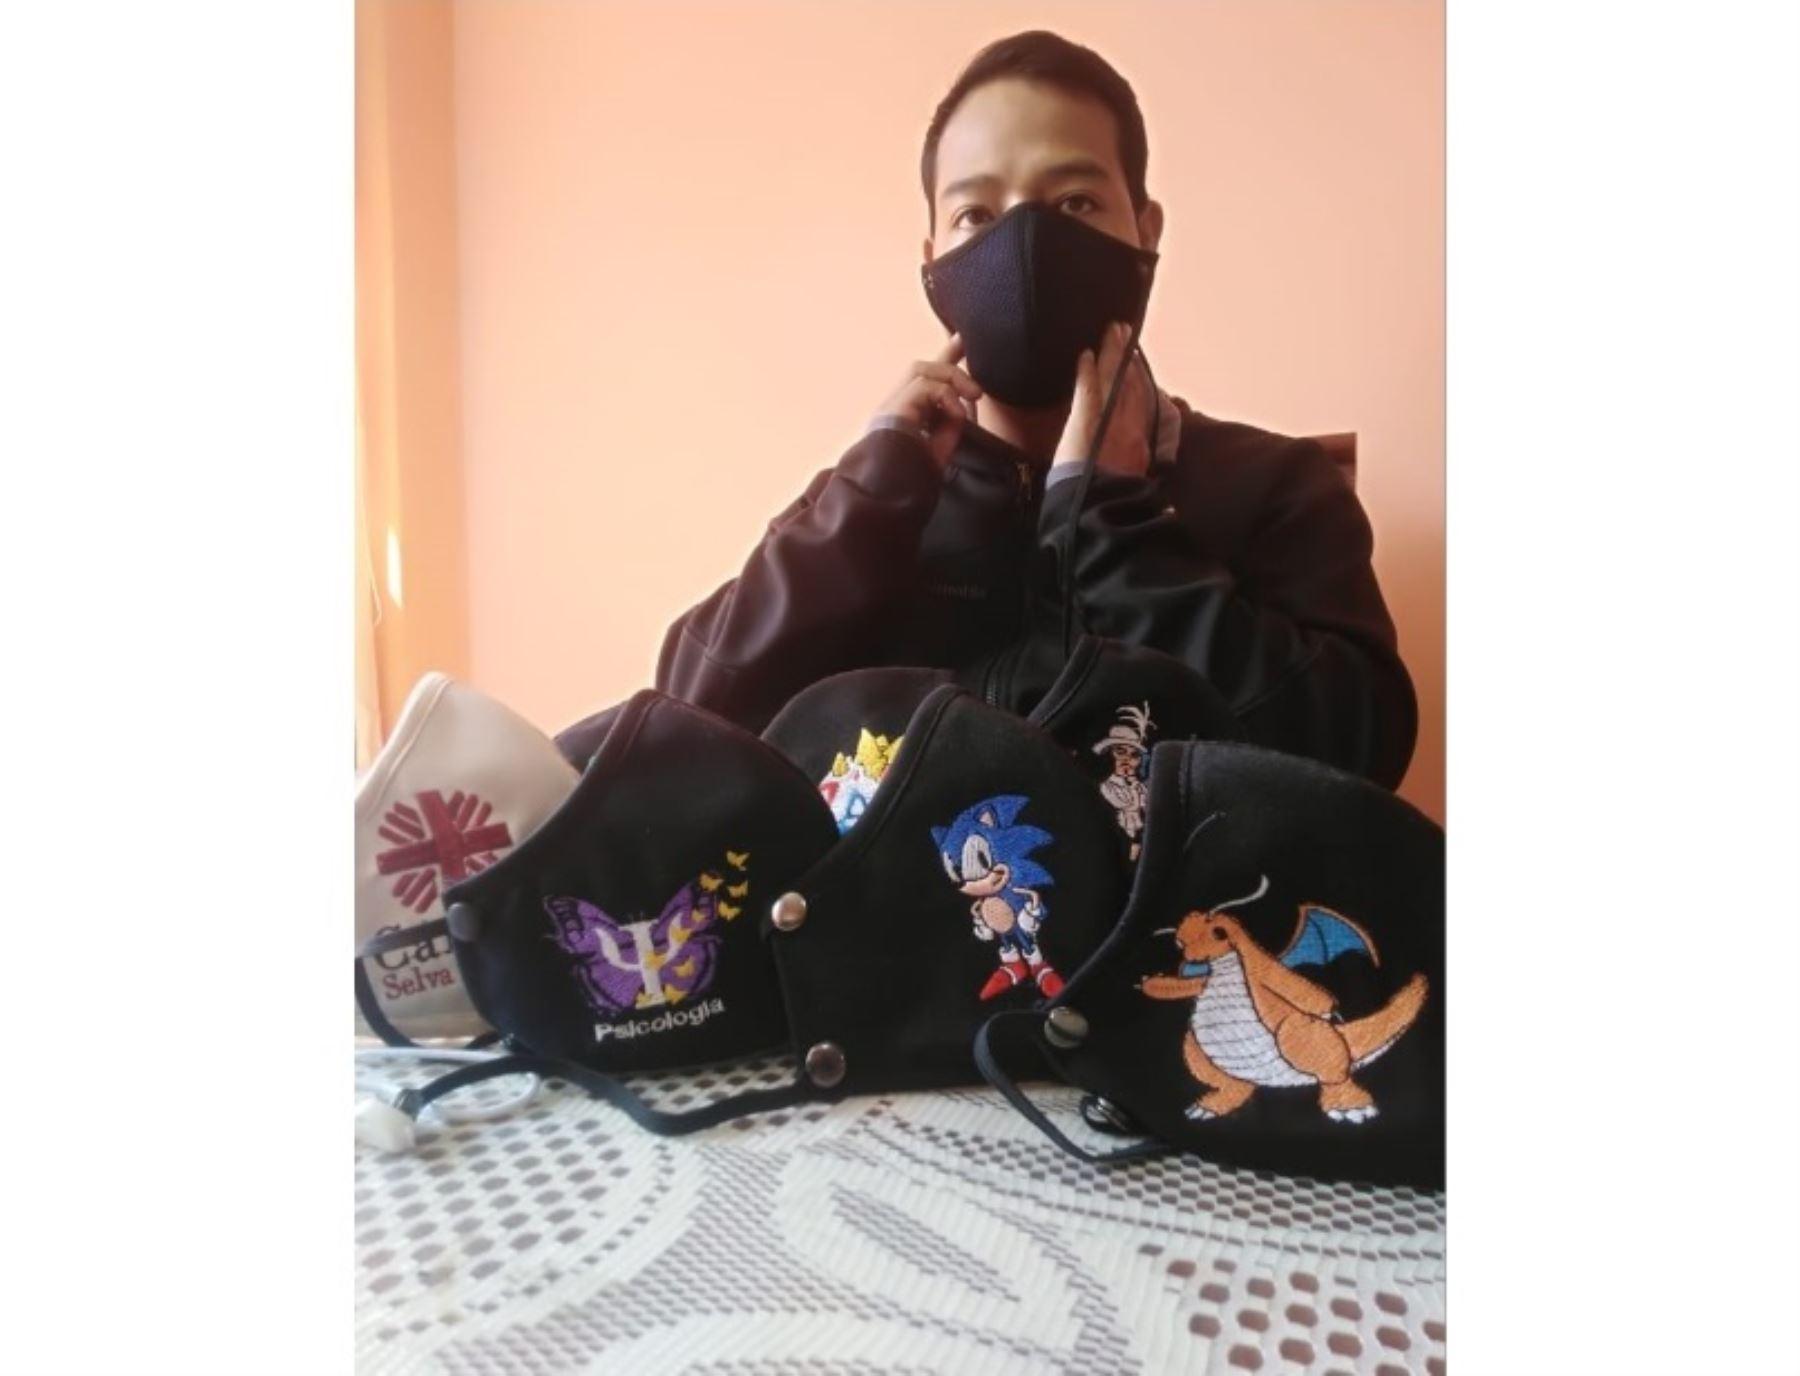 Conoce a James Valdivieso, el joven electricista de Jauja que se reinventó durante la pandemia de covid-19 para seguir sus sueños y hoy dirige una empresa de confección de mascarillas ecológicas. ANDINA/Difusión